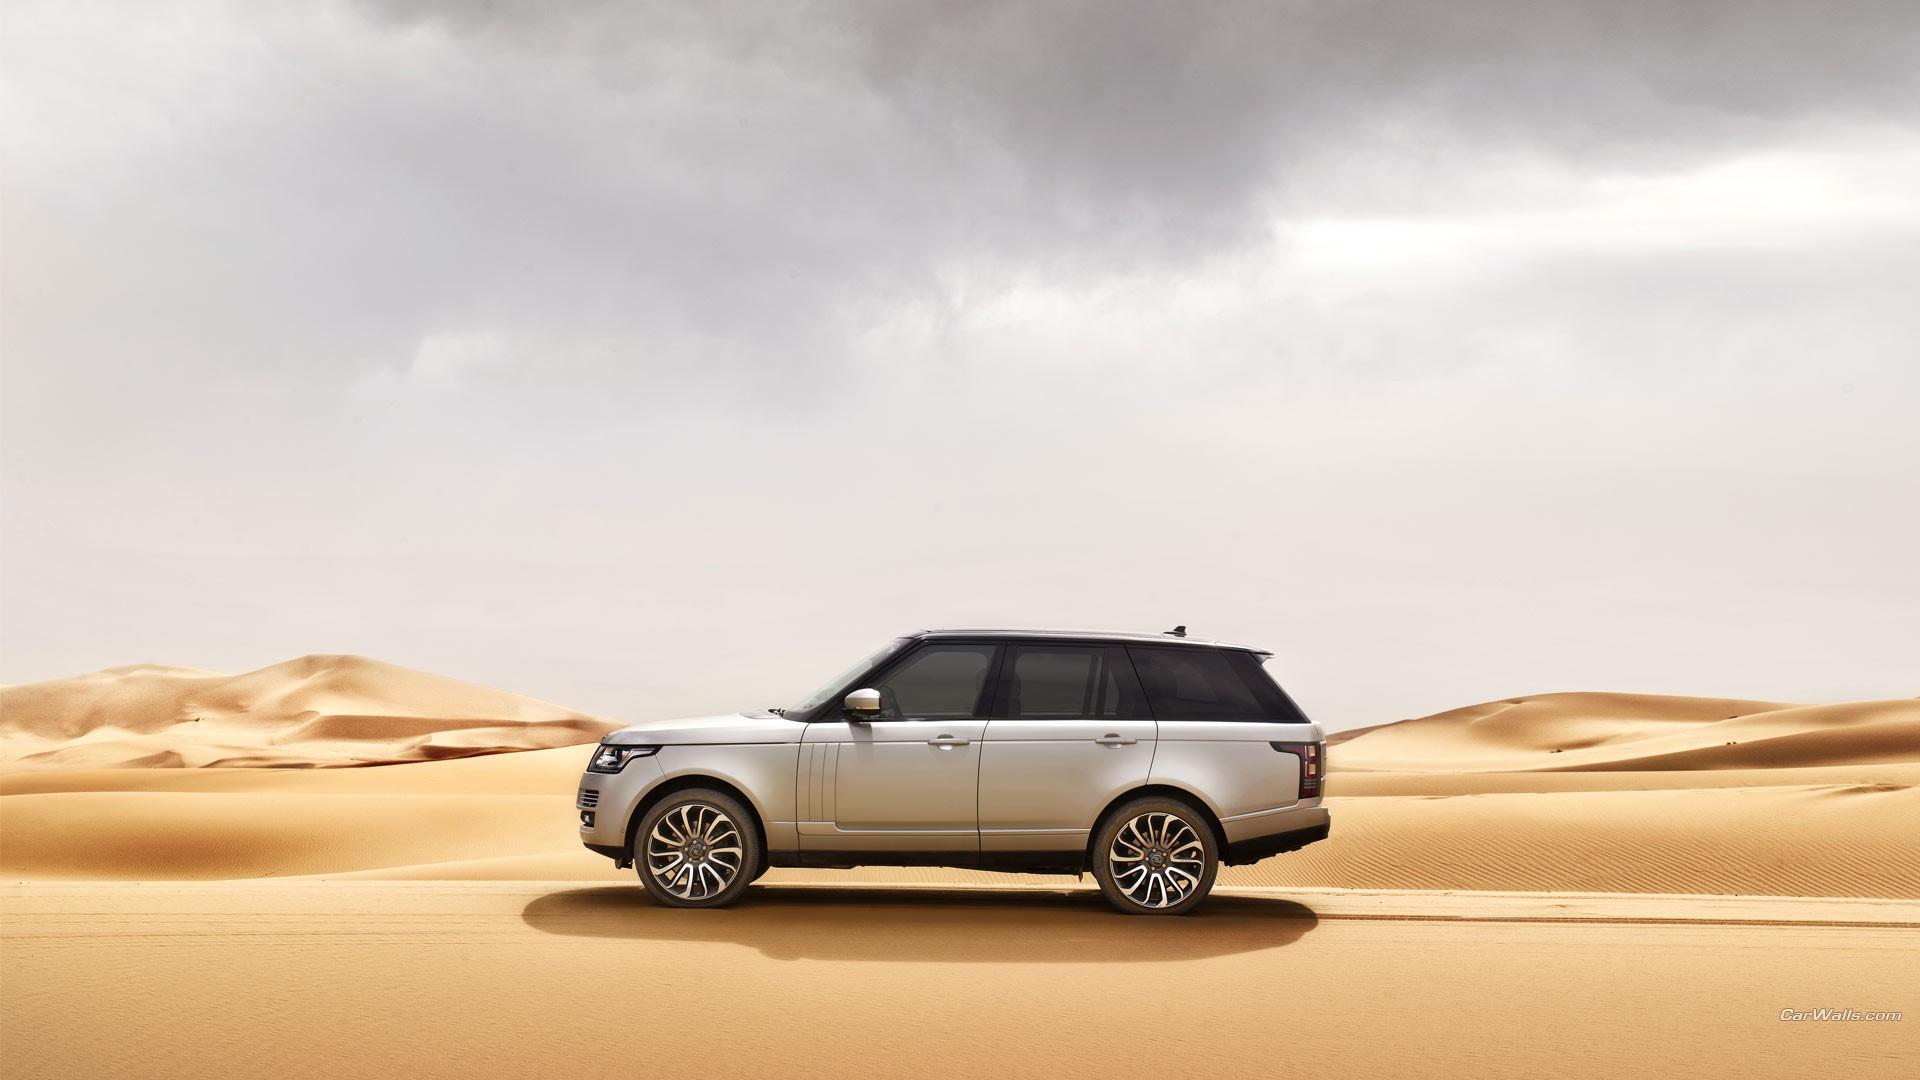 1920x1080 Range Rover Desert Laptop Full Hd 1080p Hd 4k Wallpapers